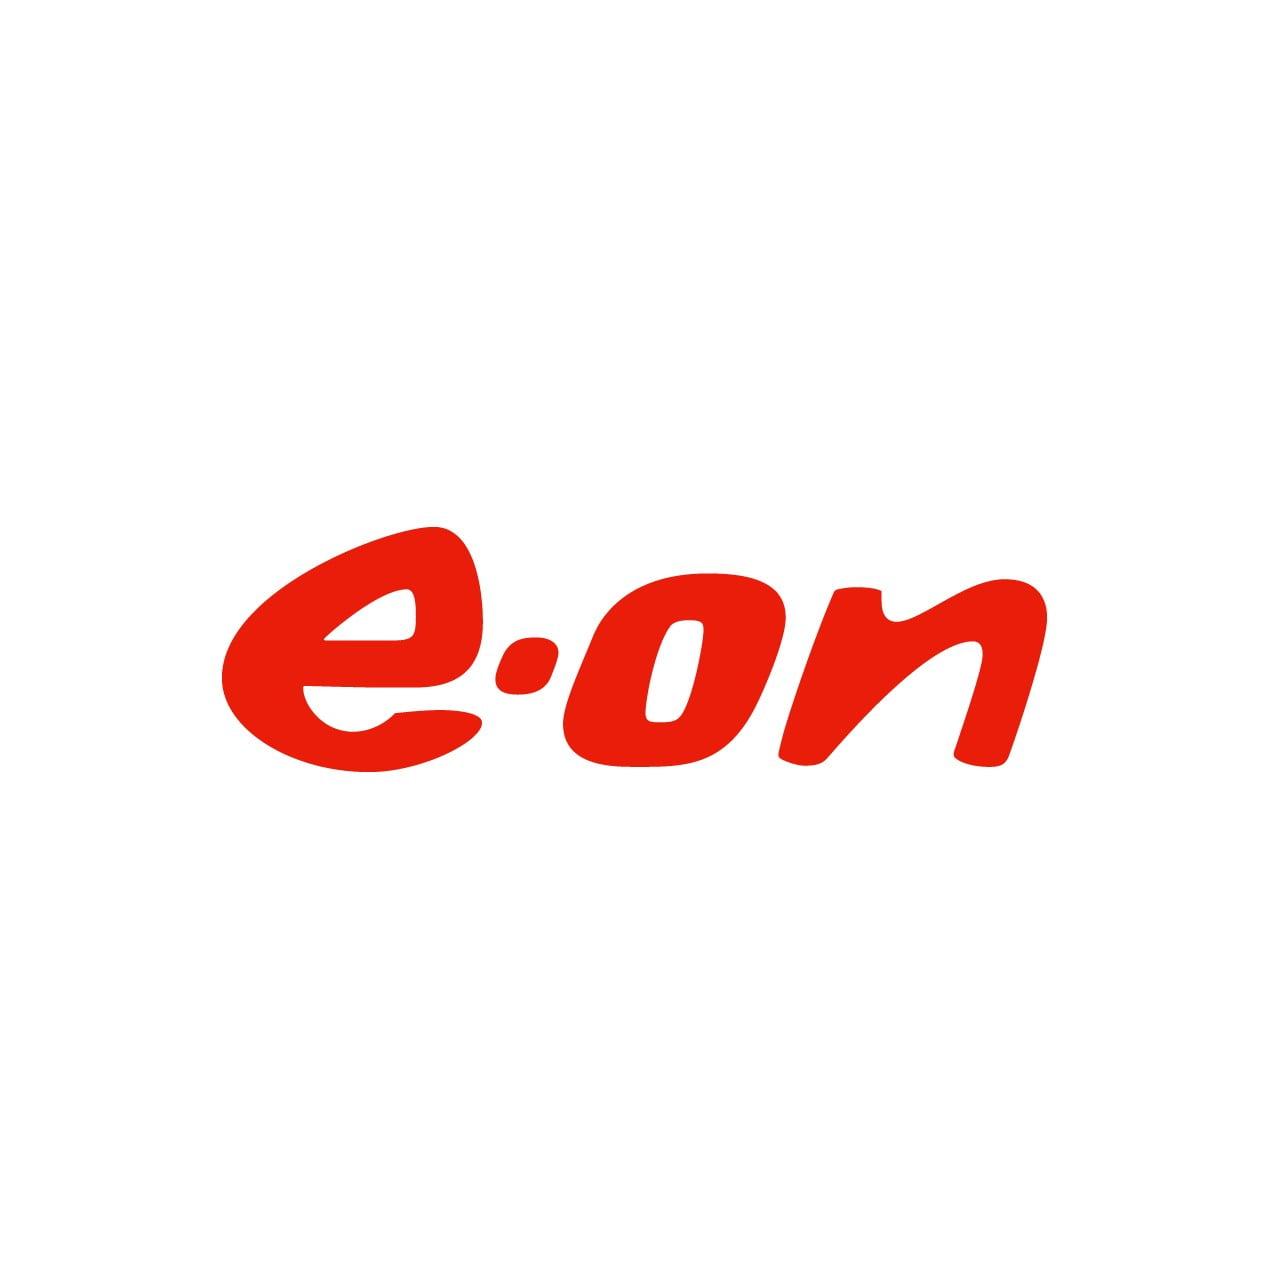 Directorul Financiar E.ON va consilia Comisia Europeană cu privire la finanțarea durabilă